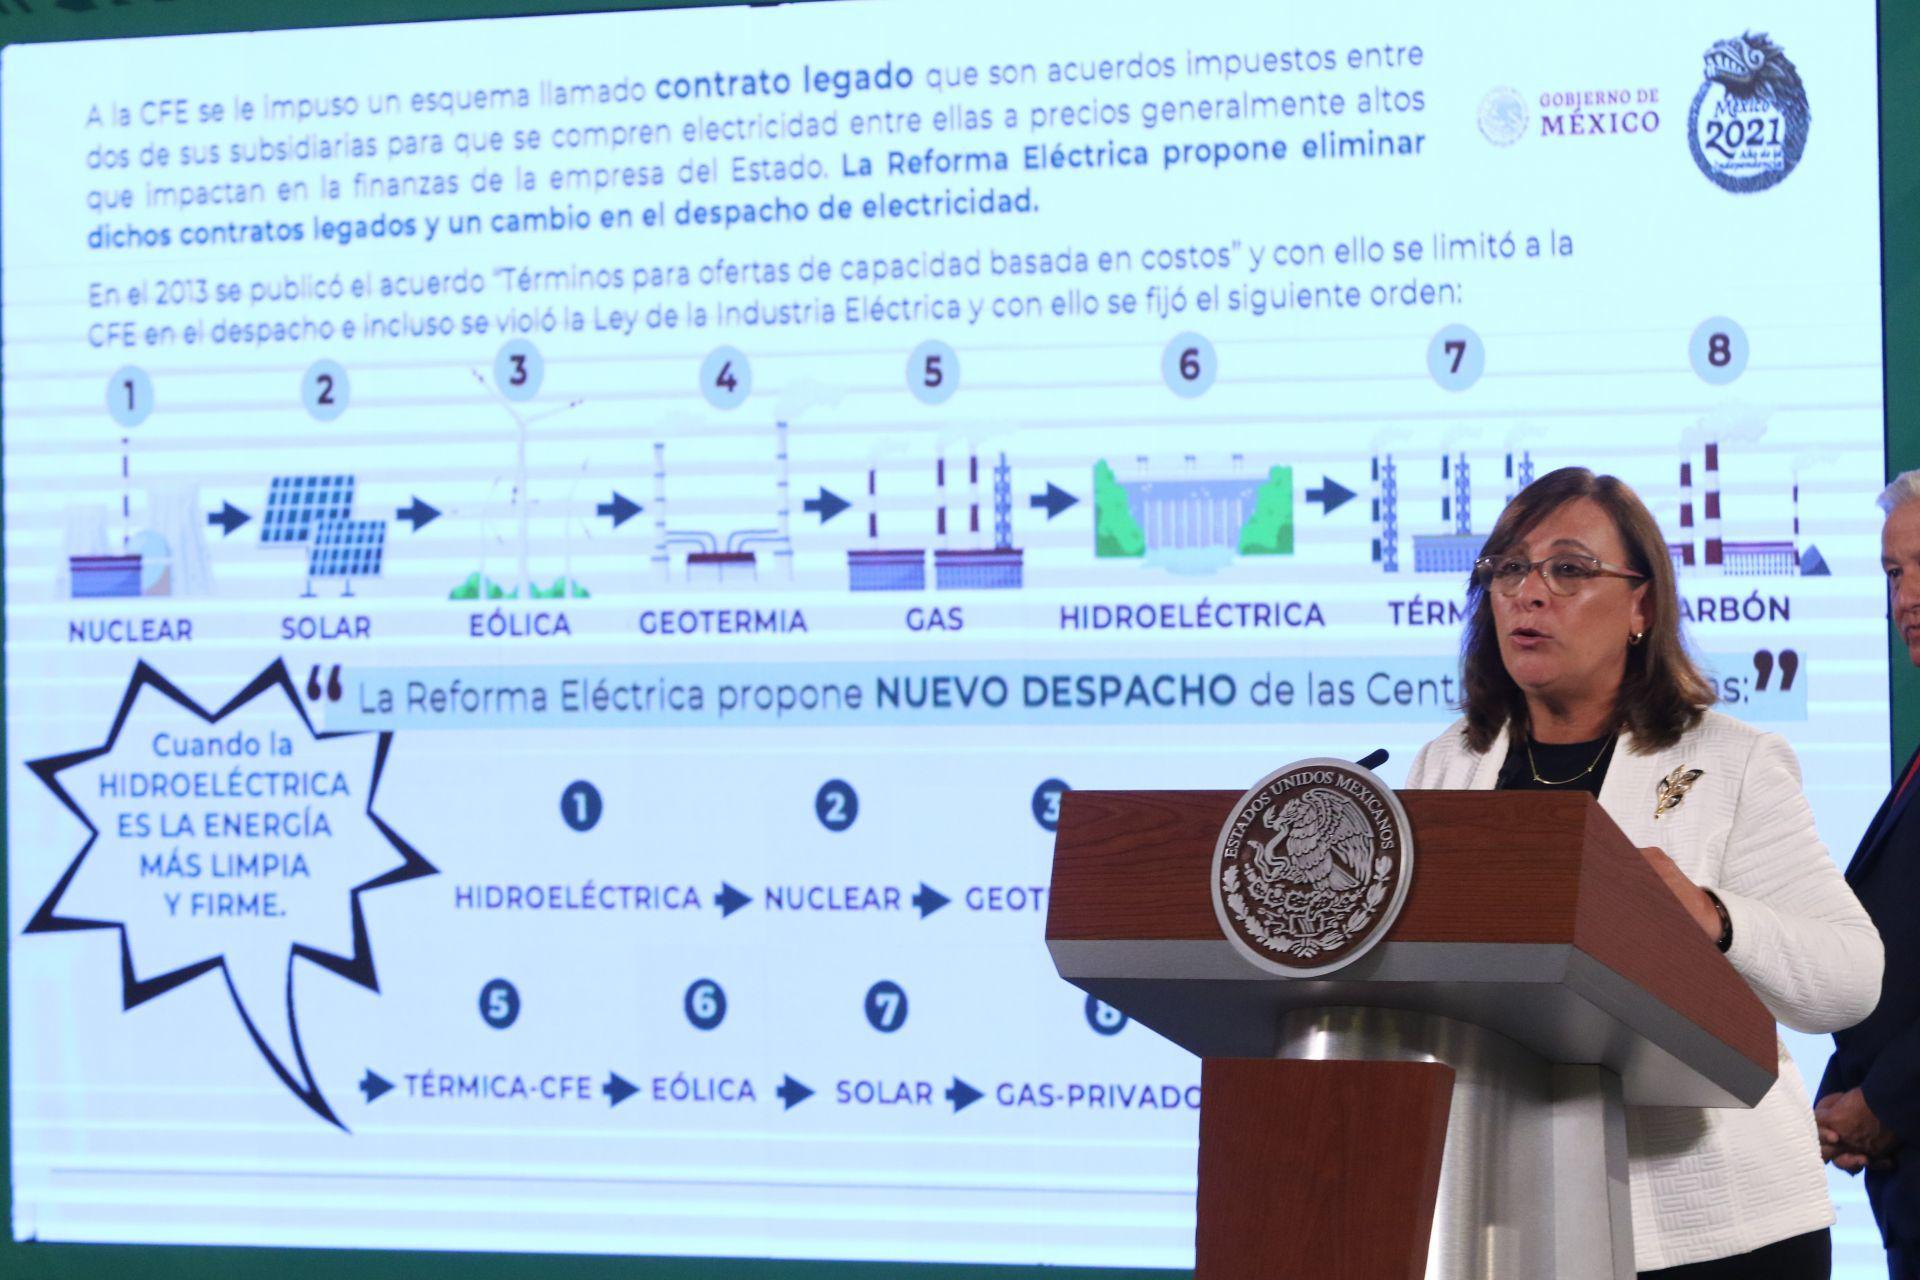 Gobierno acusa a Bimbo, Cemex, FEMSA, Walmart y otras empresas de revender electricidad de CFE